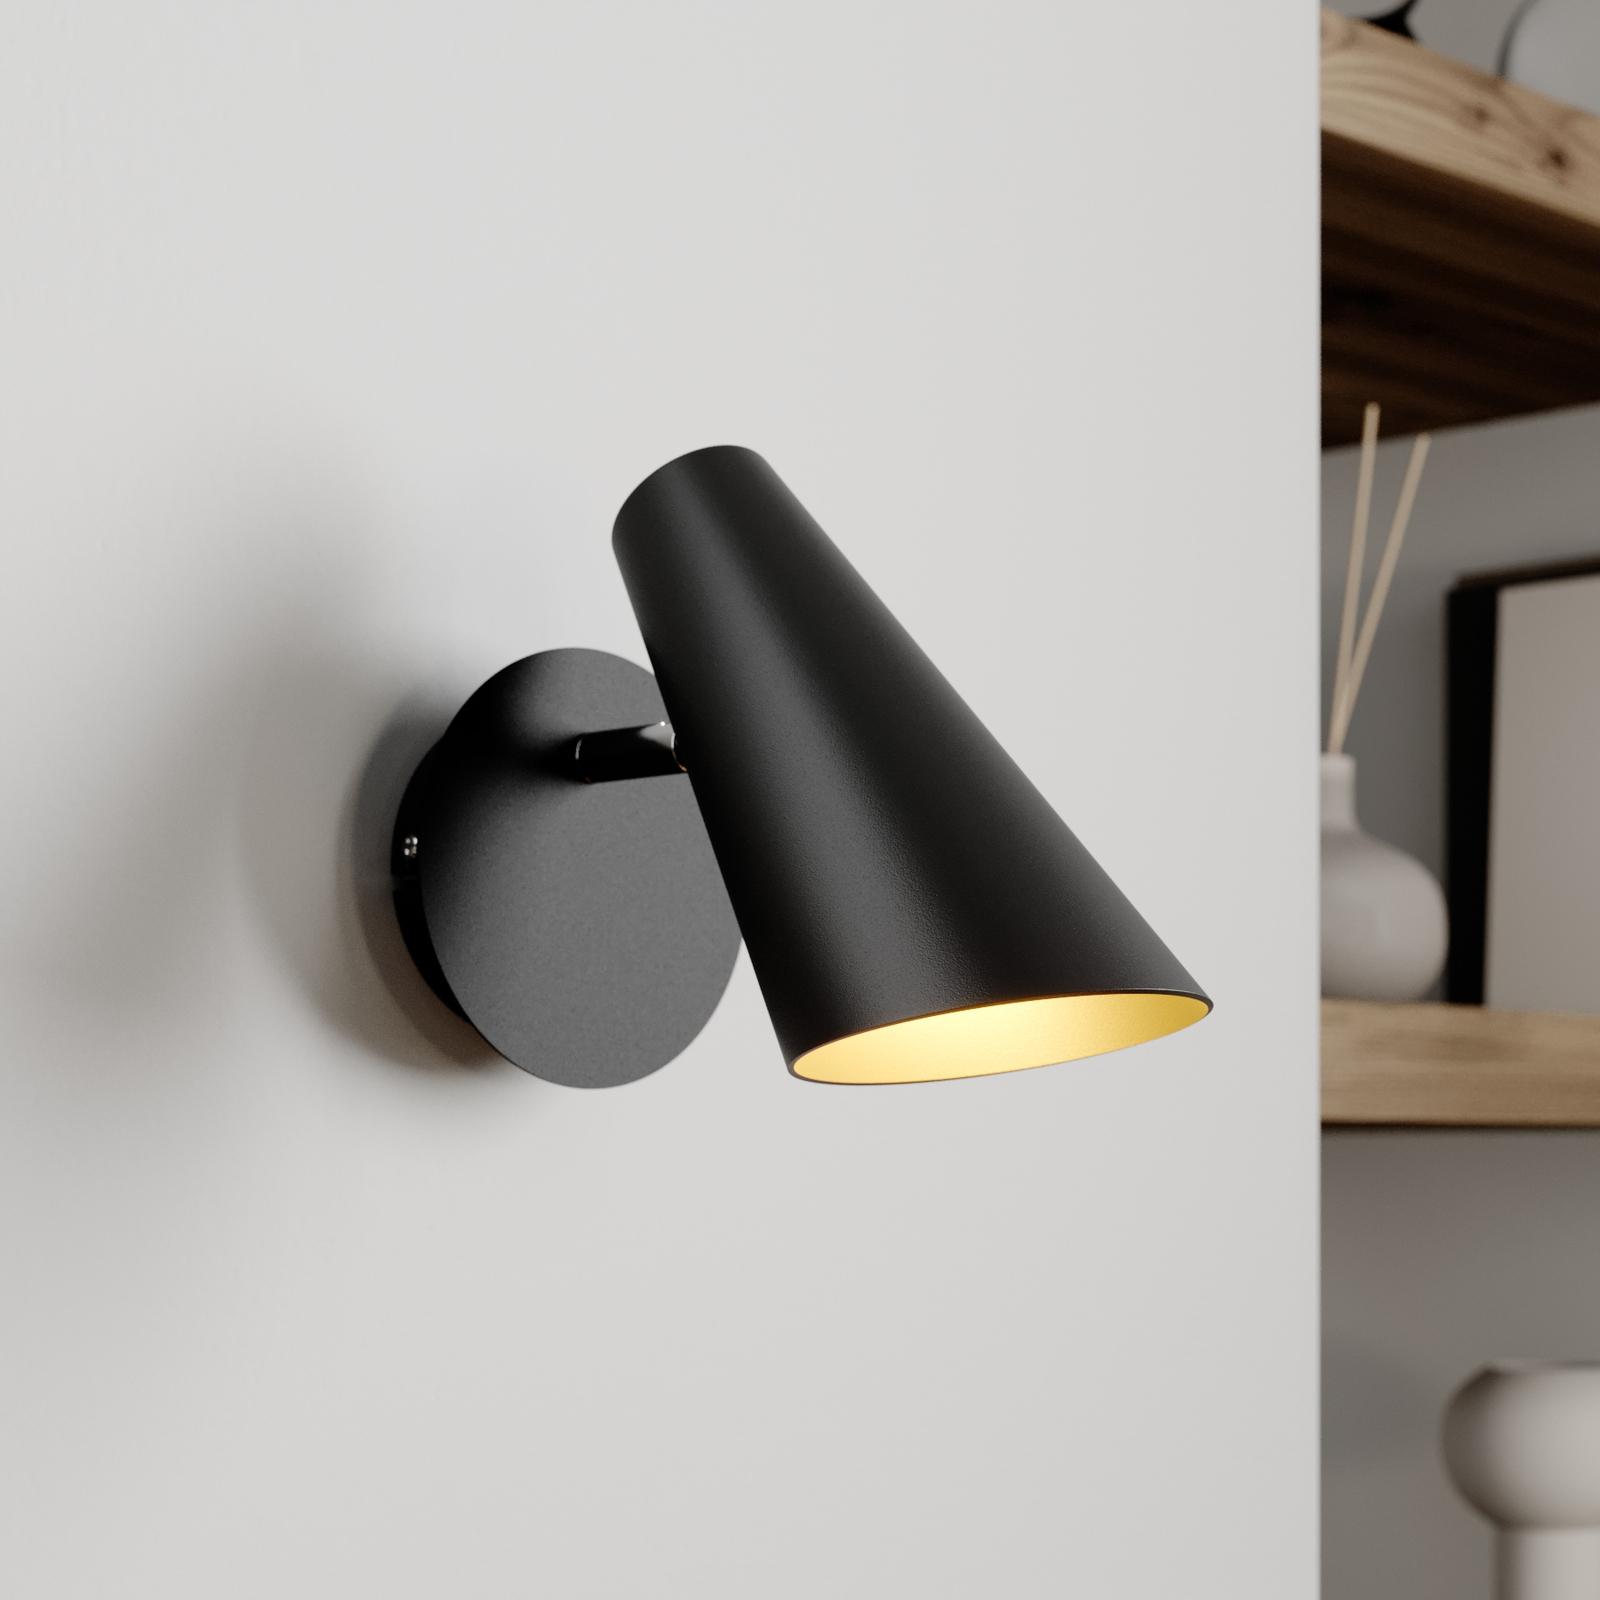 Lucande Wibke væglampe i sort